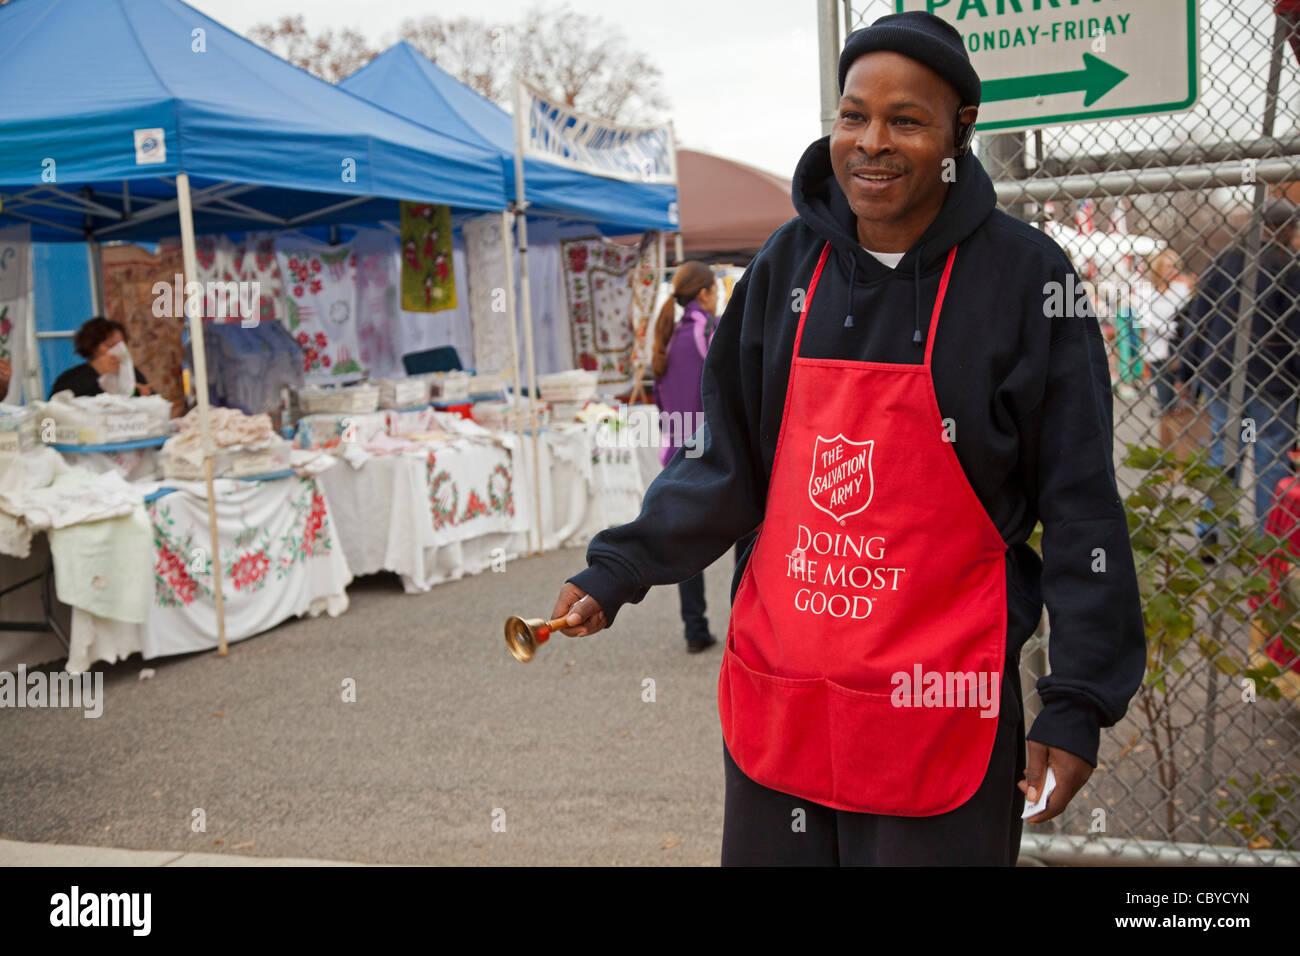 """Washington, DC - Un """"timbre de campana' para el Ejército de Salvación solicita donaciones para la caridad religiosa fuera un mercadillo. Foto de stock"""